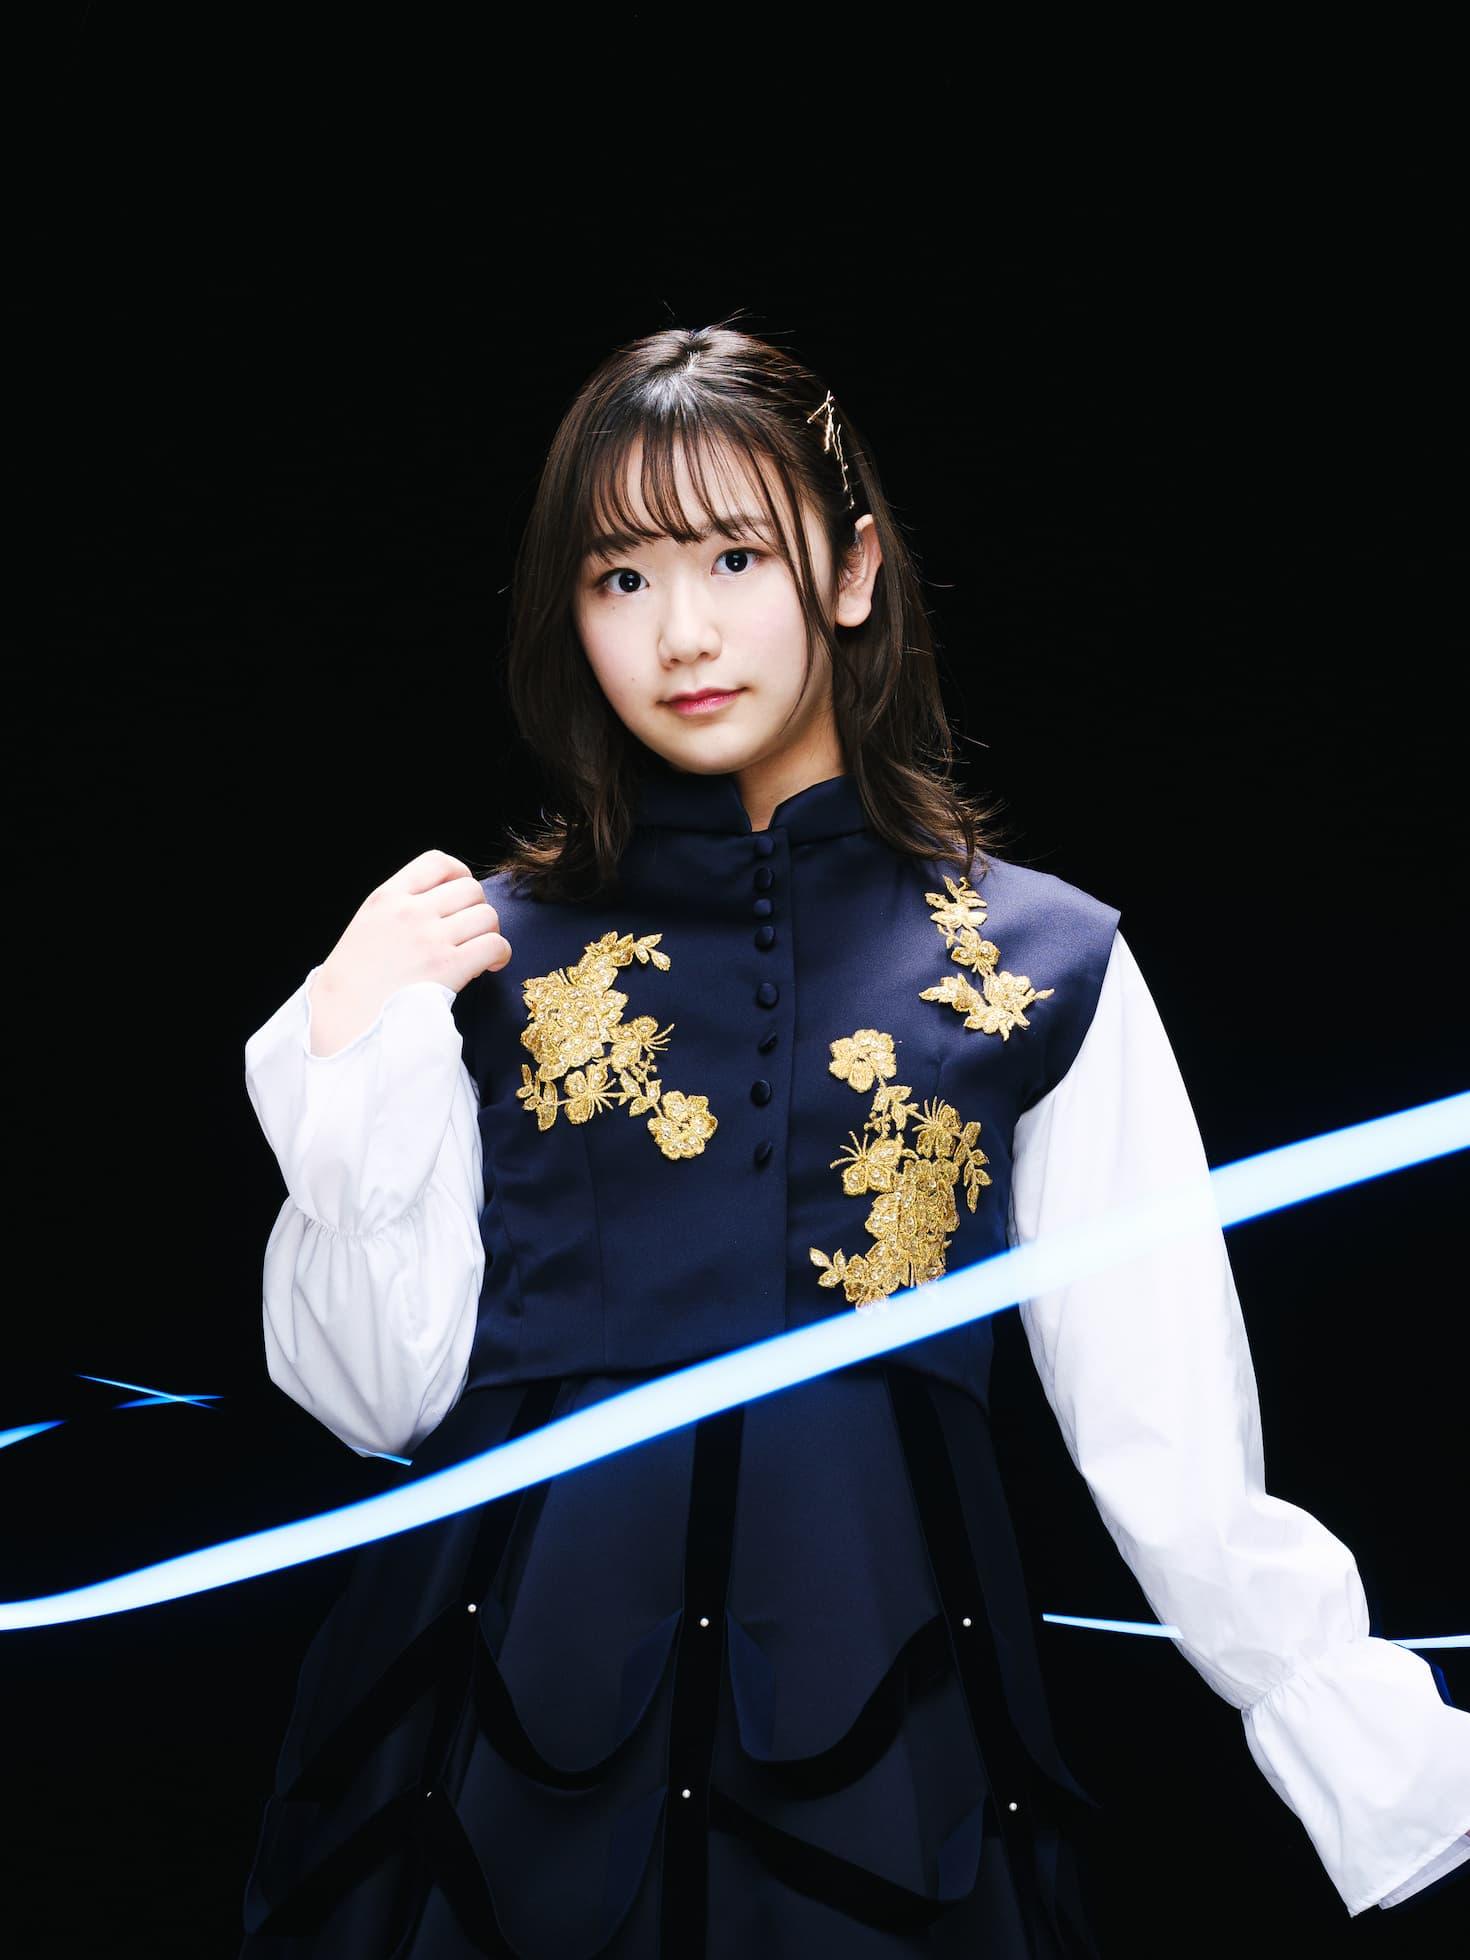 mizukawa_ren_01